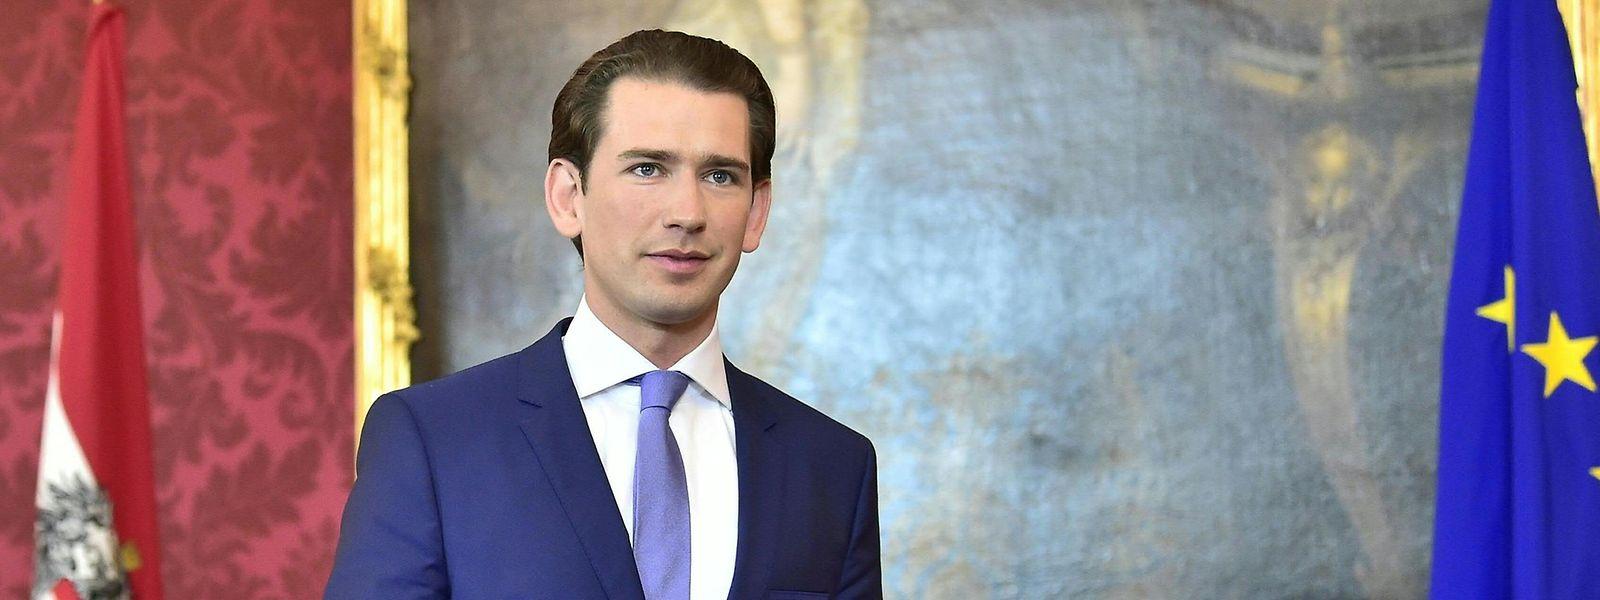 Sebastian Kurz strebt nach dem Enthüllungsskandal die absolute Mehrheit im österreichischen Parlament an.